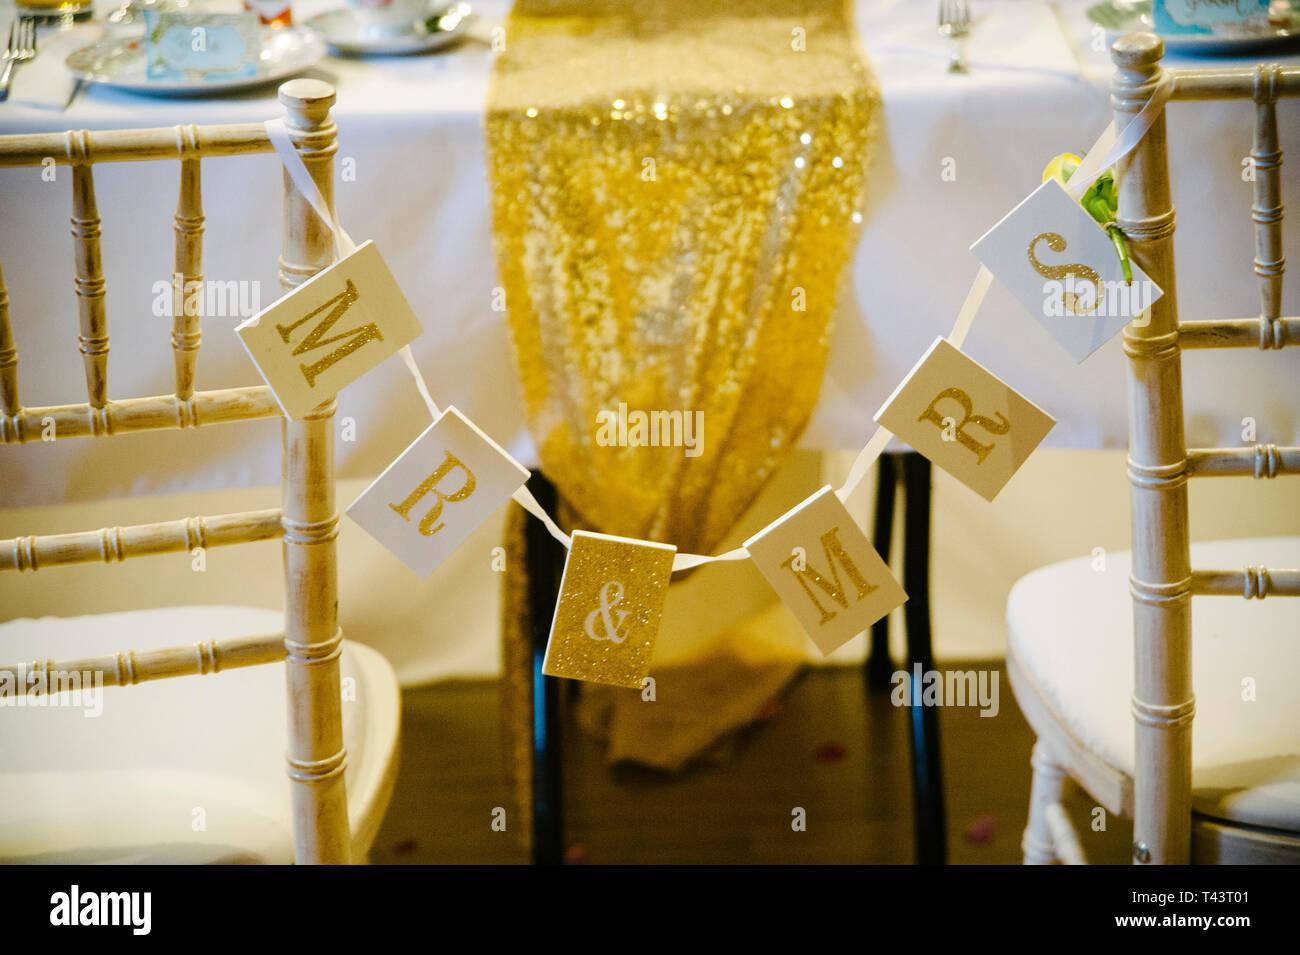 Mr & Mrs segno bunting legata a sedie di legno a boho ricevimento di nozze. Shabby Chic idee di nozze Immagini Stock